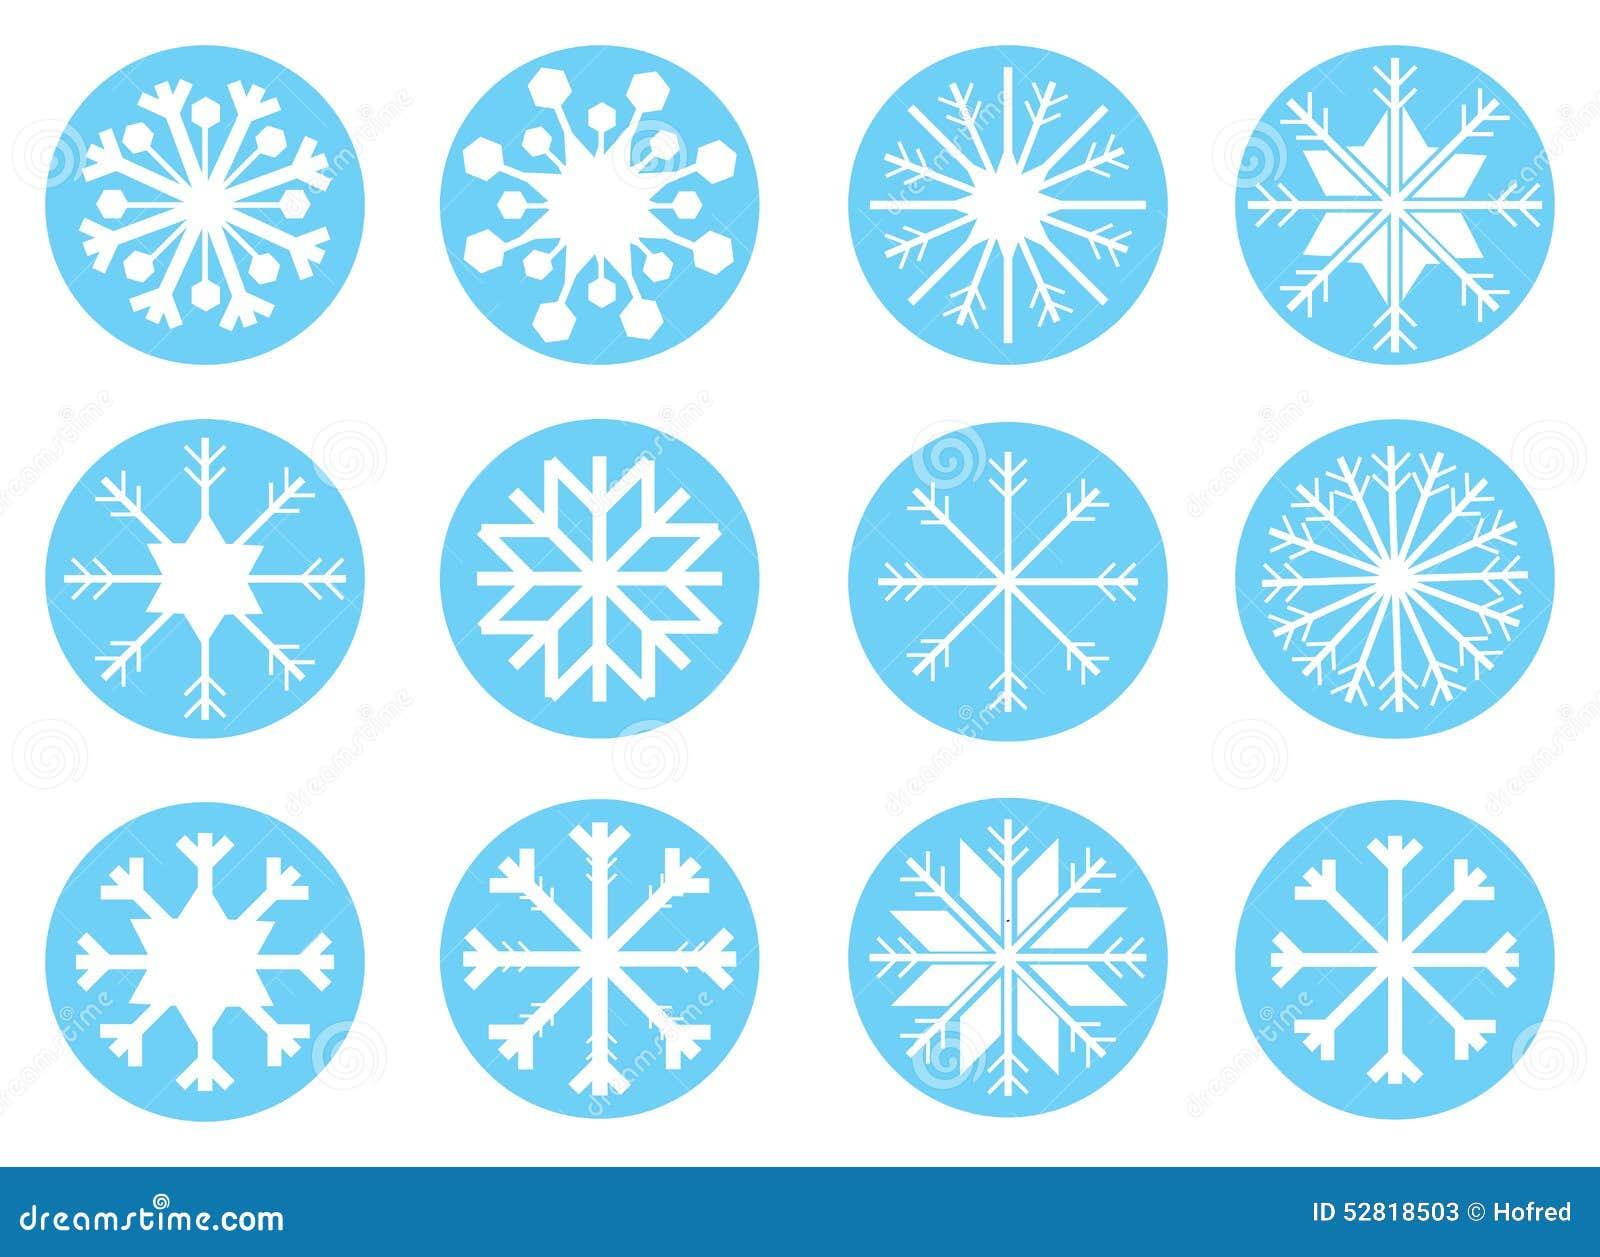 ... white snowf... White Snowflake Icon